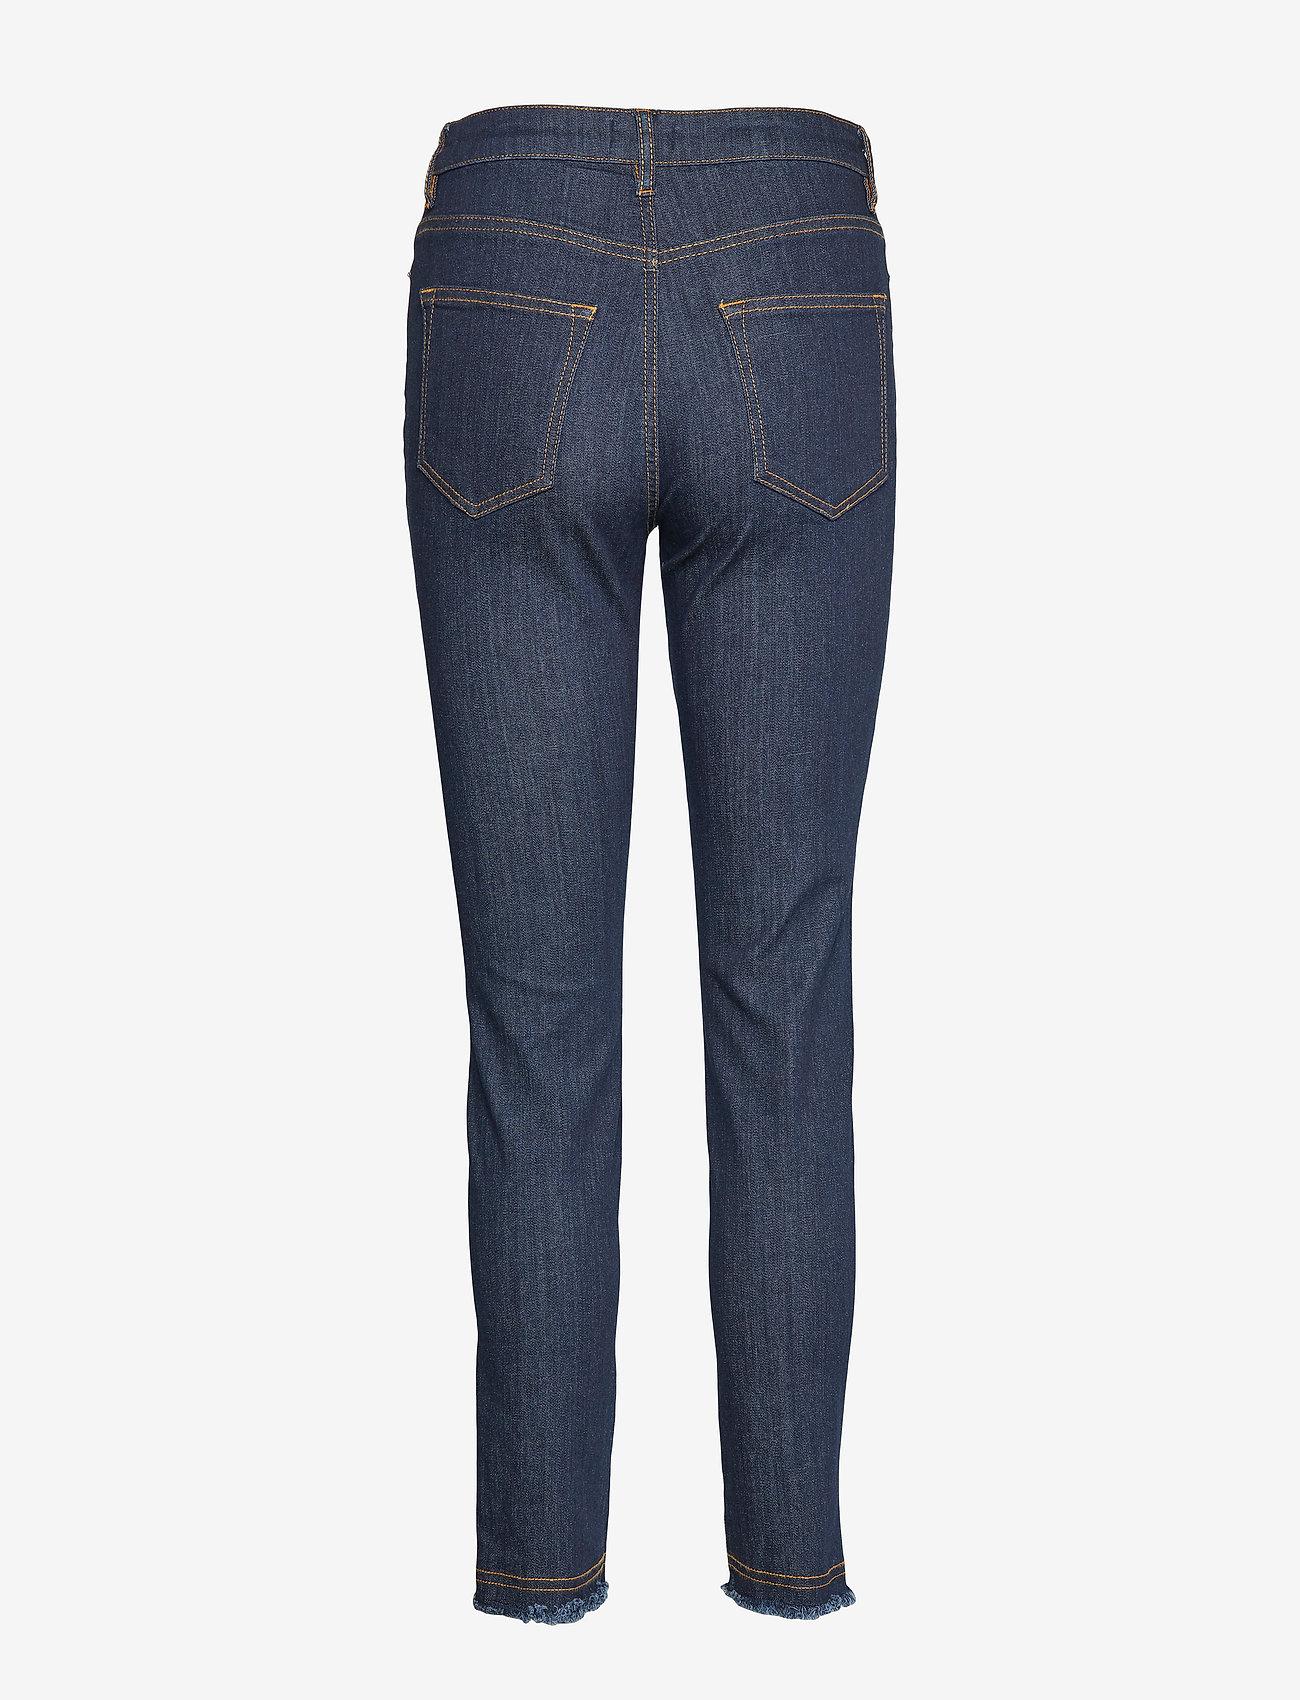 Baum und Pferdgarten - NIKKI - jeans skinny - denim rinse - 1